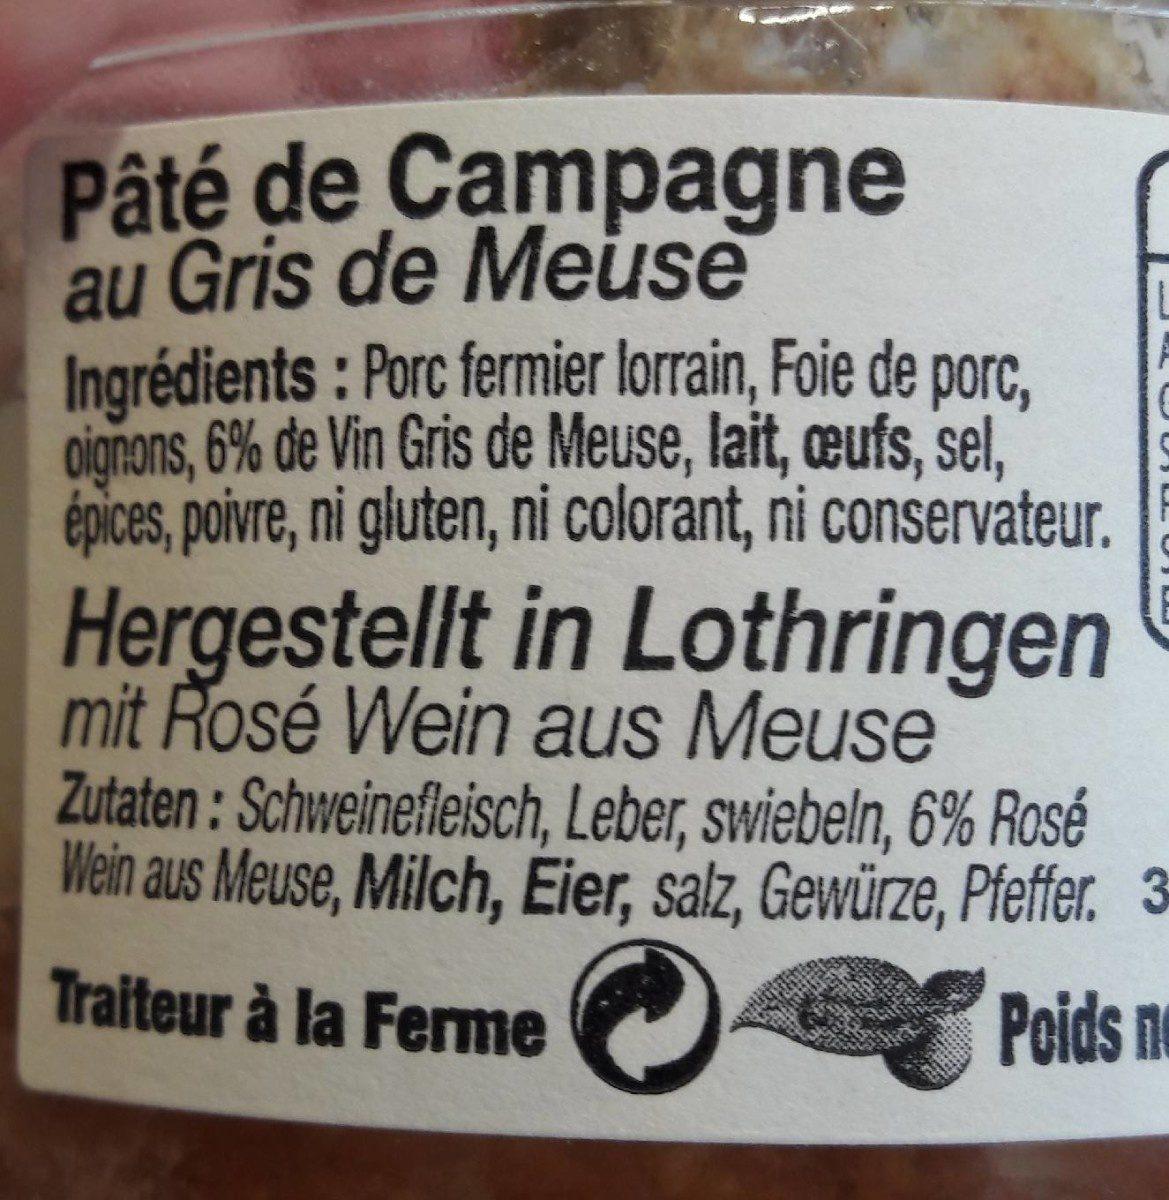 Pate de campagne au gris de Meuse - Ingrediënten